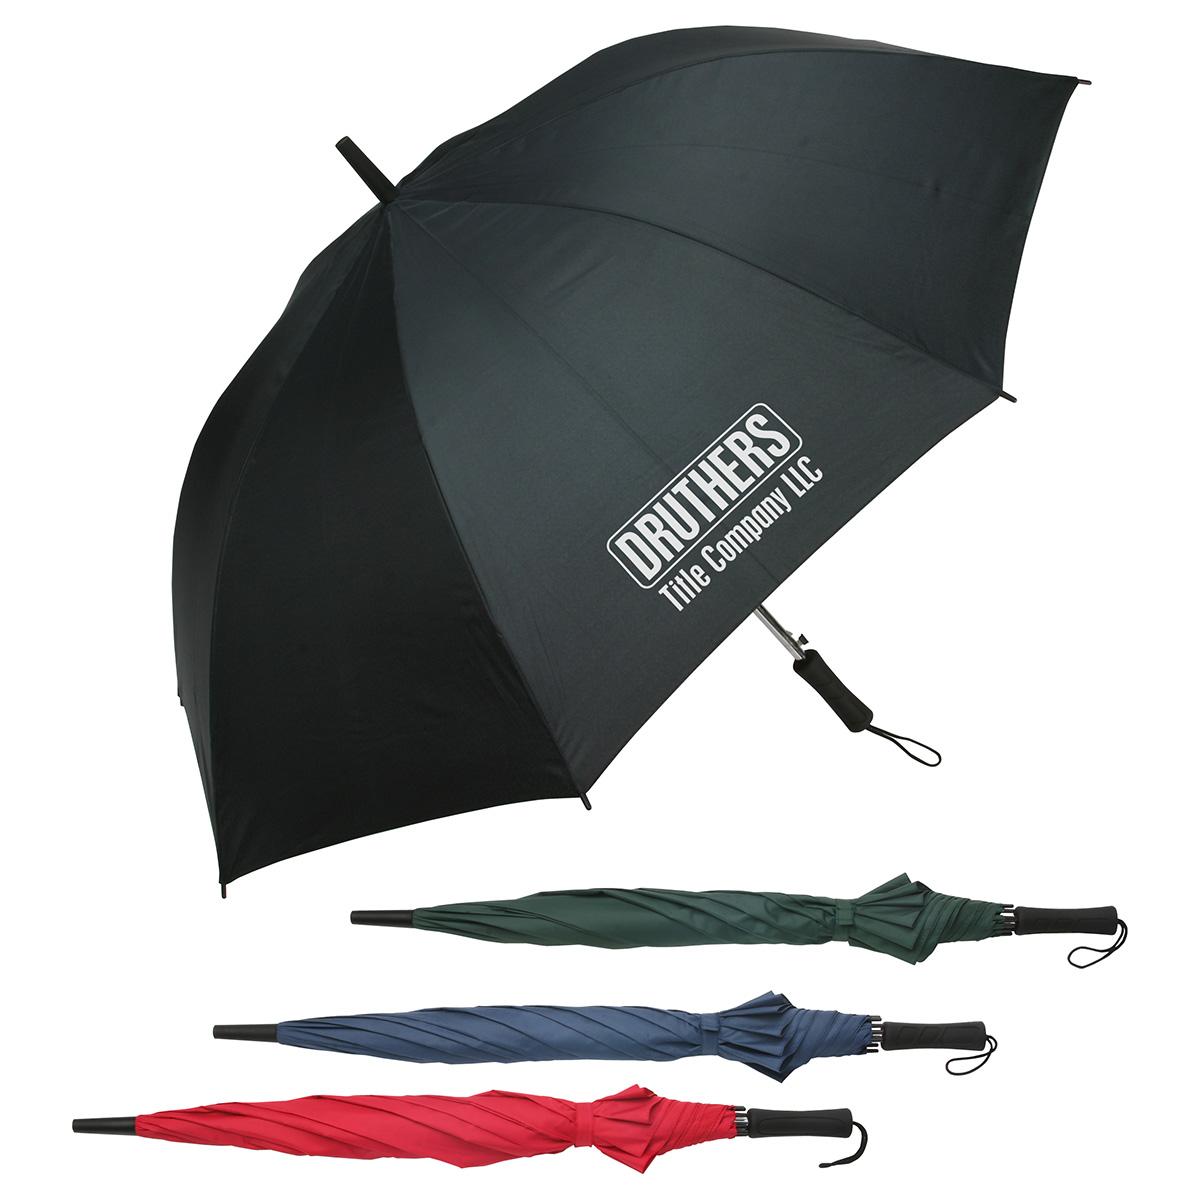 Lockwood Auto Open Golf Umbrella, WTV-LG11, 1 Colour Imprint